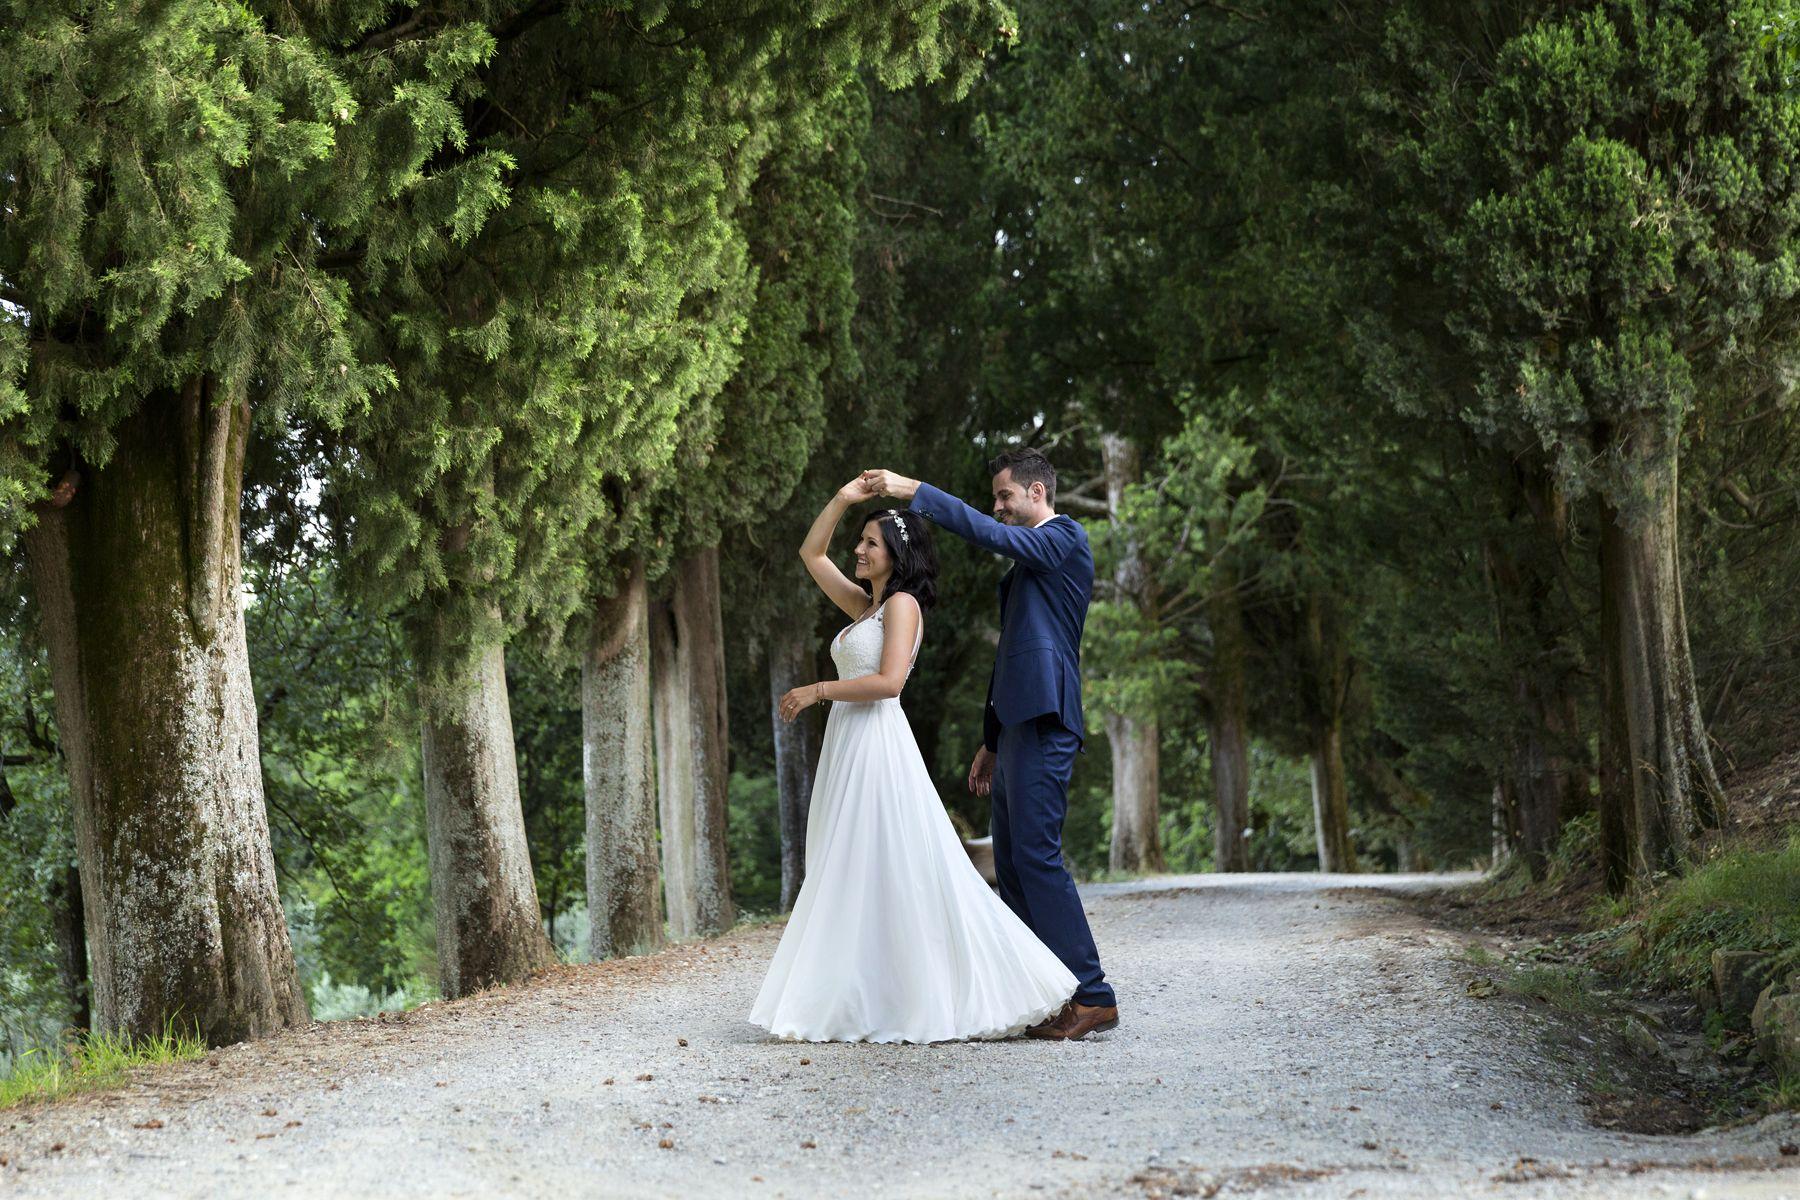 Hochzeit Hochzeitsfotografie Hochzeit2018 Brautpaar Heiraten